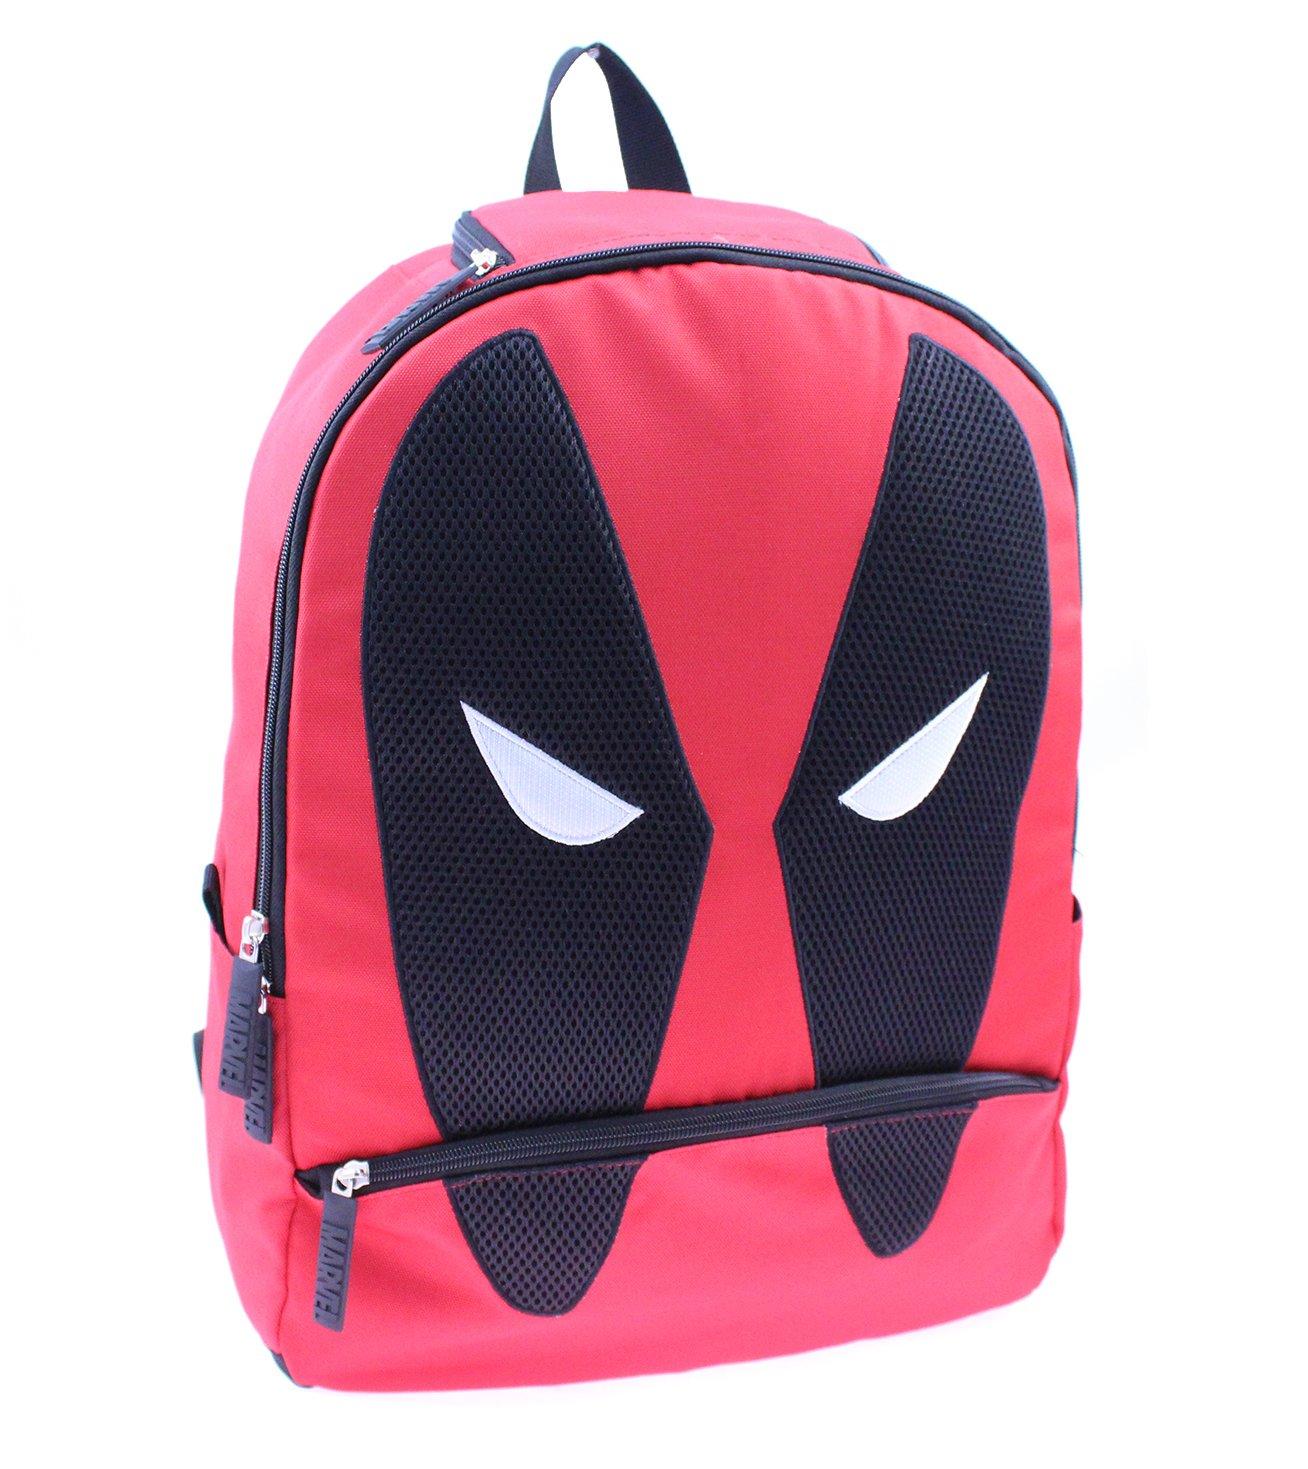 Marvel Deadpool Children's Backpack, Red DL28229-SC-RE